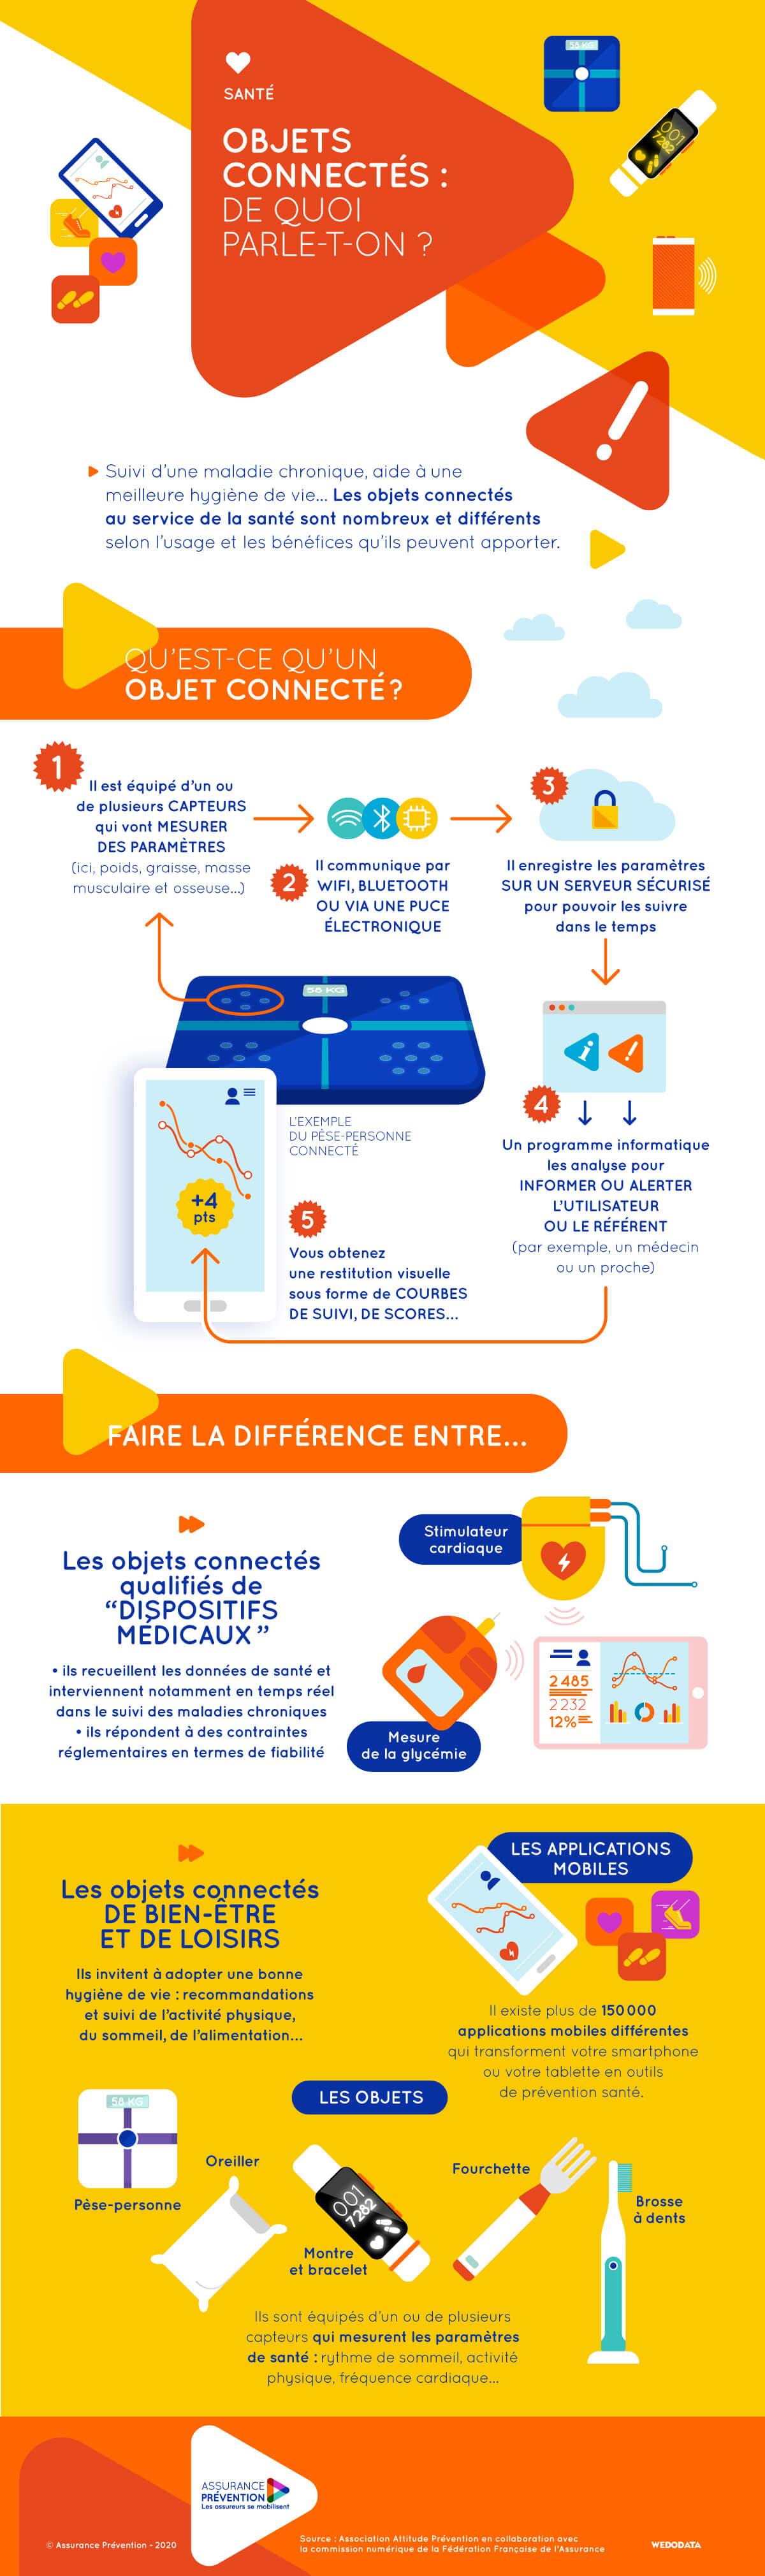 Infographie Objets connectés de quoi parle t on